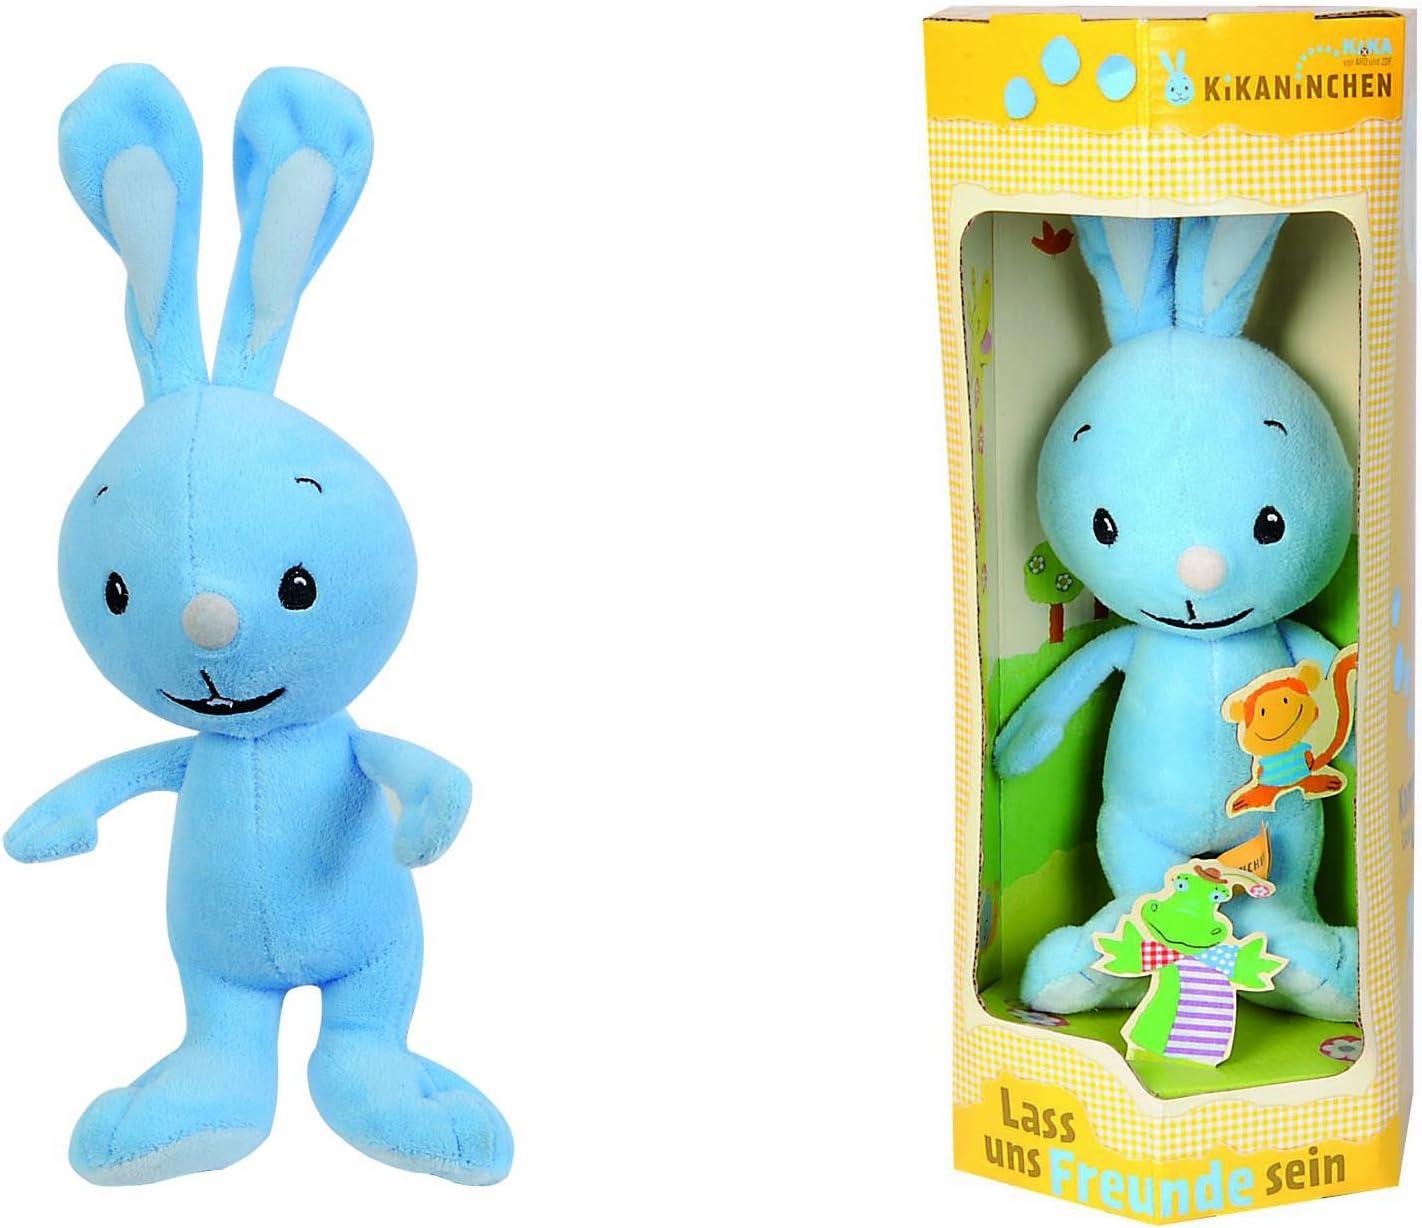 Simba Toys 109464949 Kikaninchen - Conejo de peluche, 30 cm ...